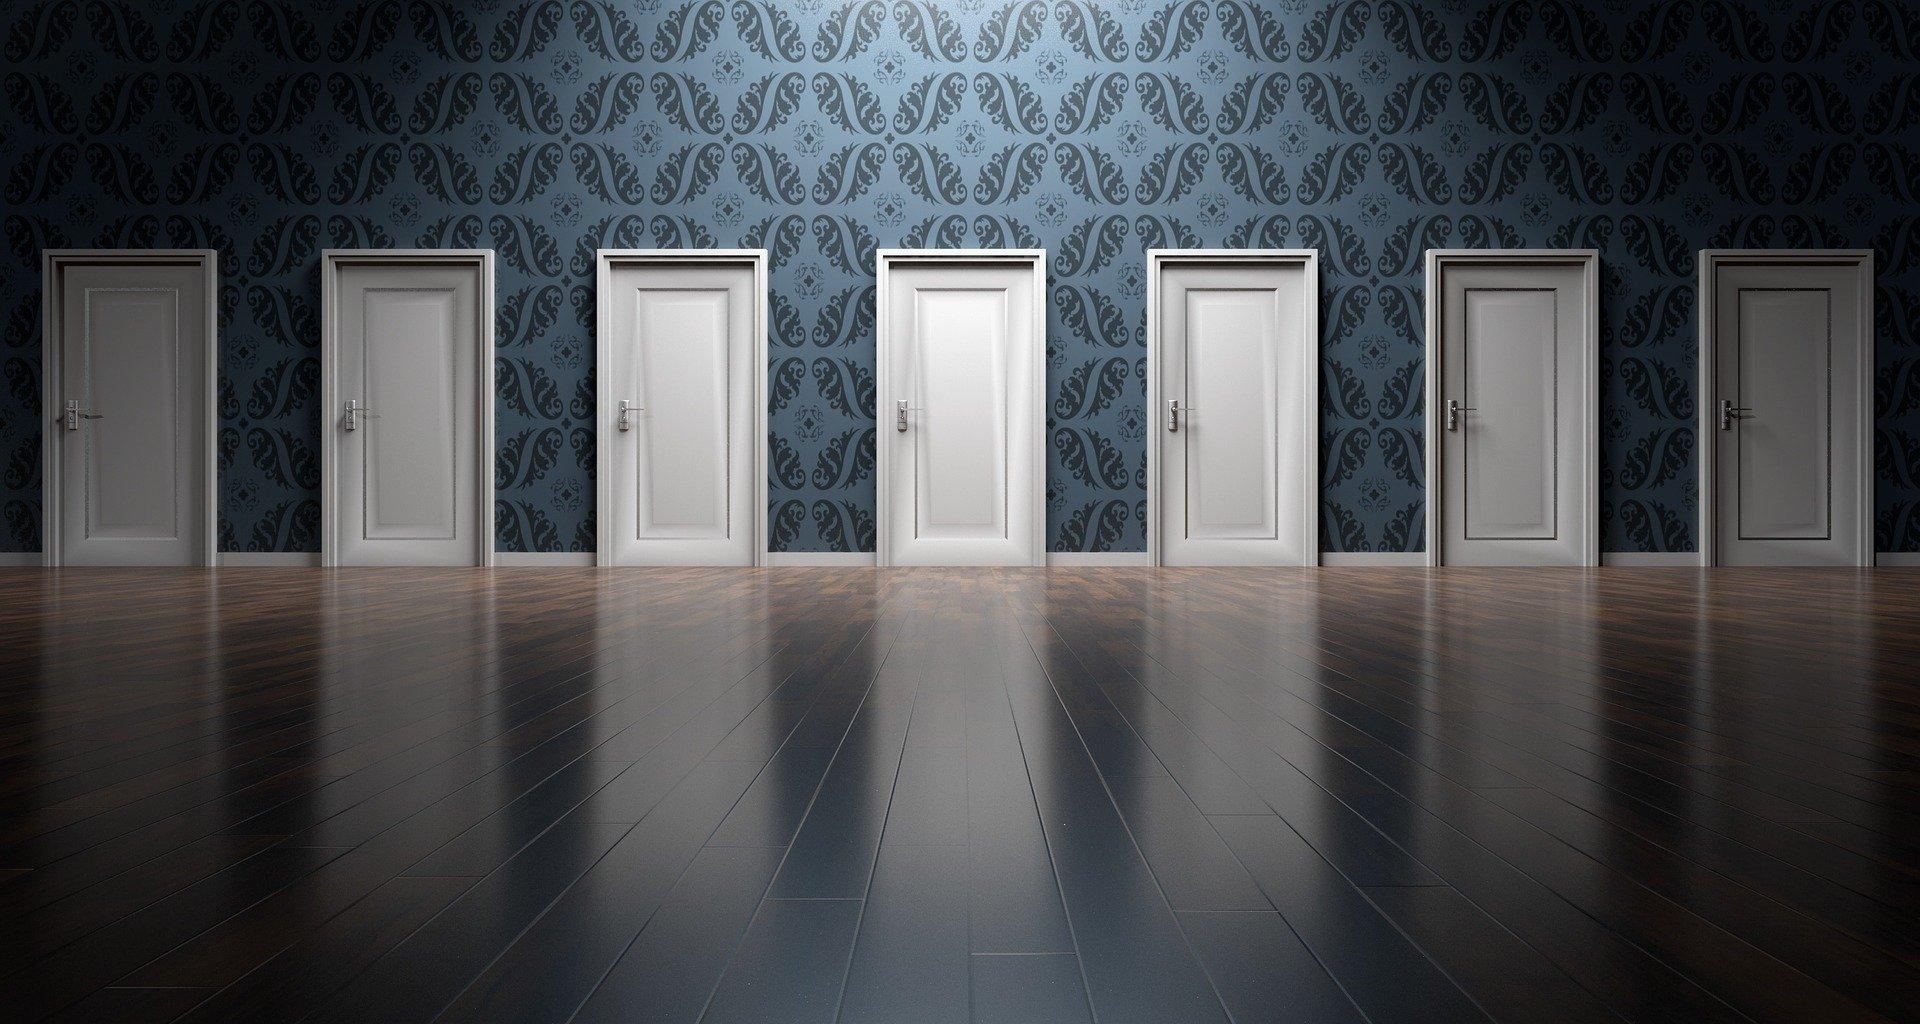 דלתות פנים לבחירה